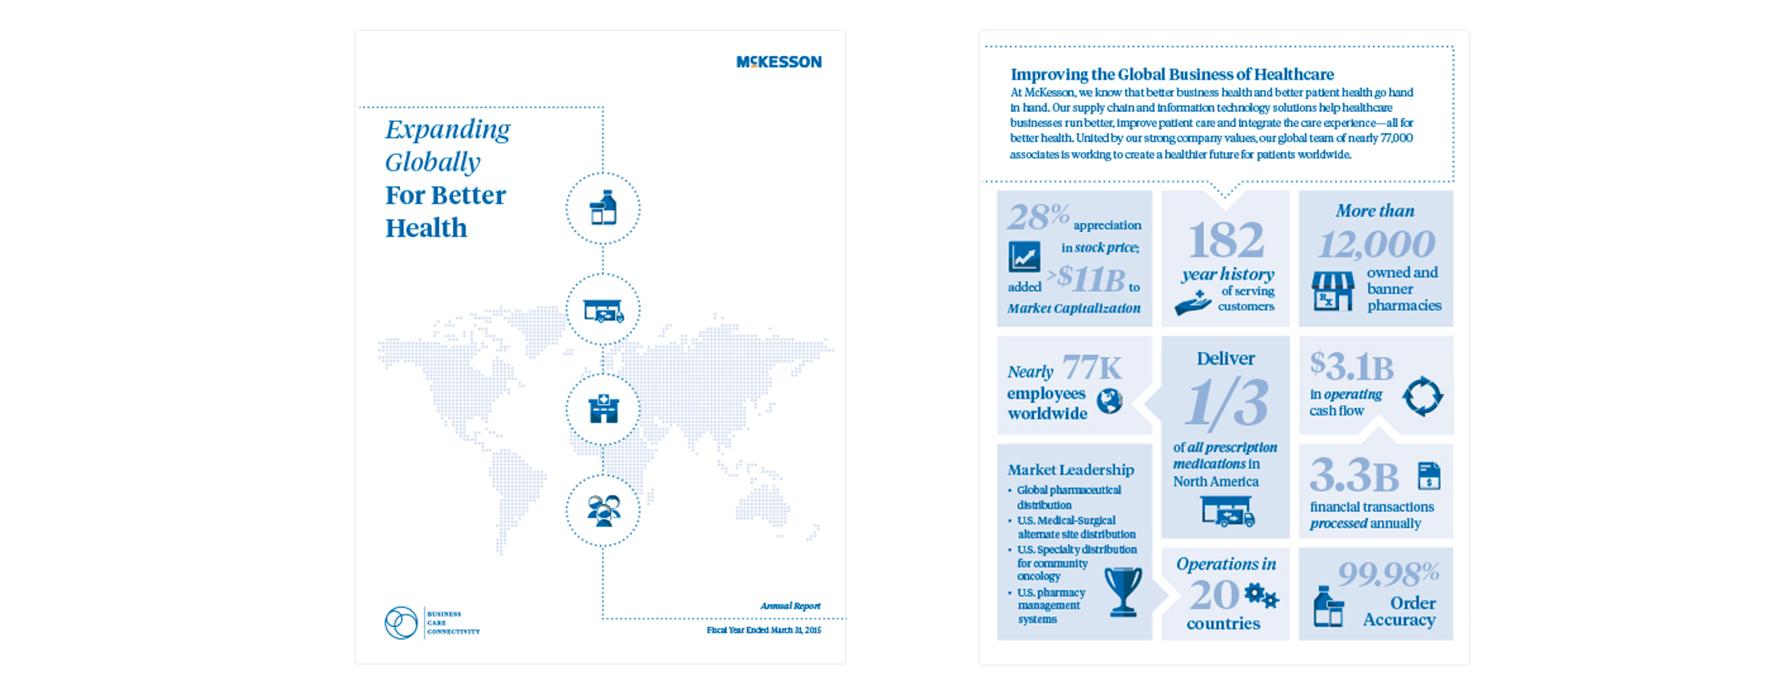 2015 Annual Report & Proxy